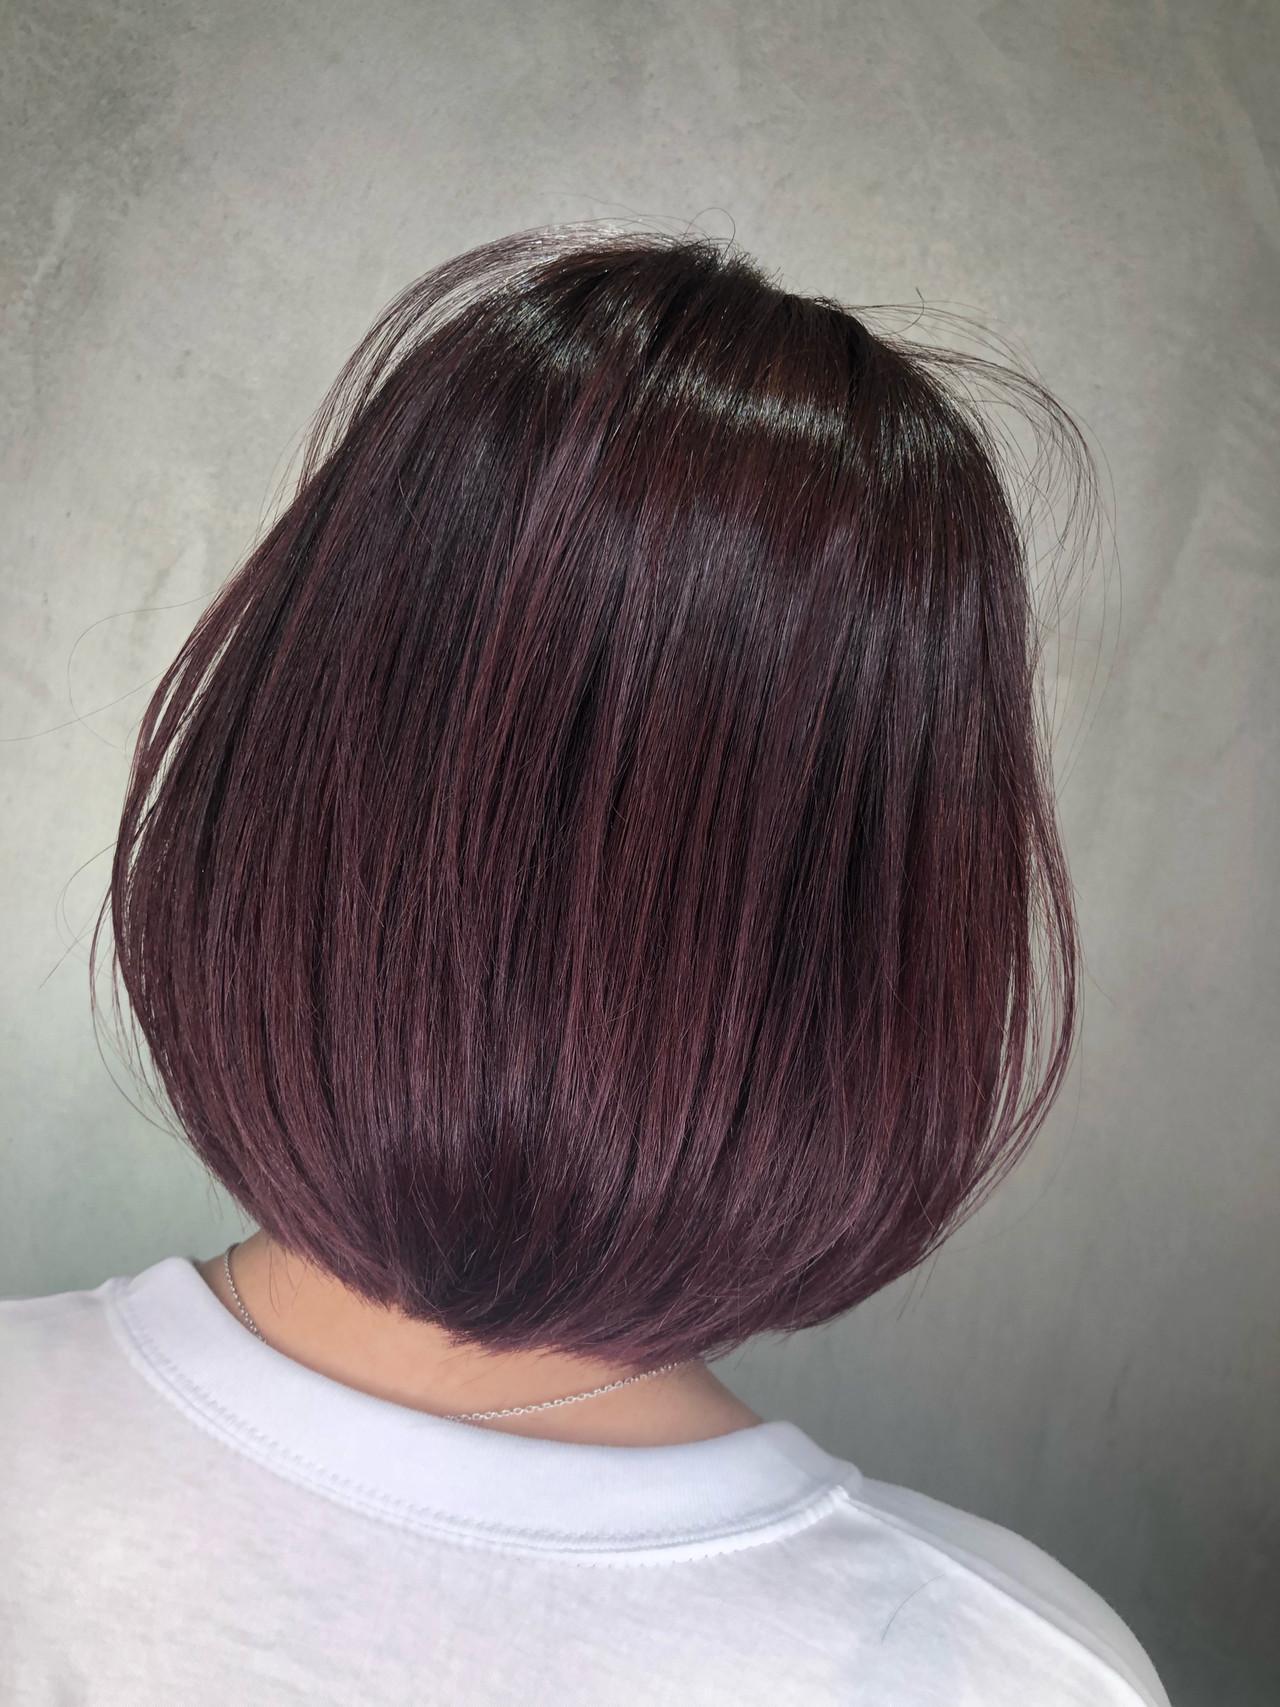 赤髪 デート グラデーションカラー ボブ ヘアスタイルや髪型の写真・画像